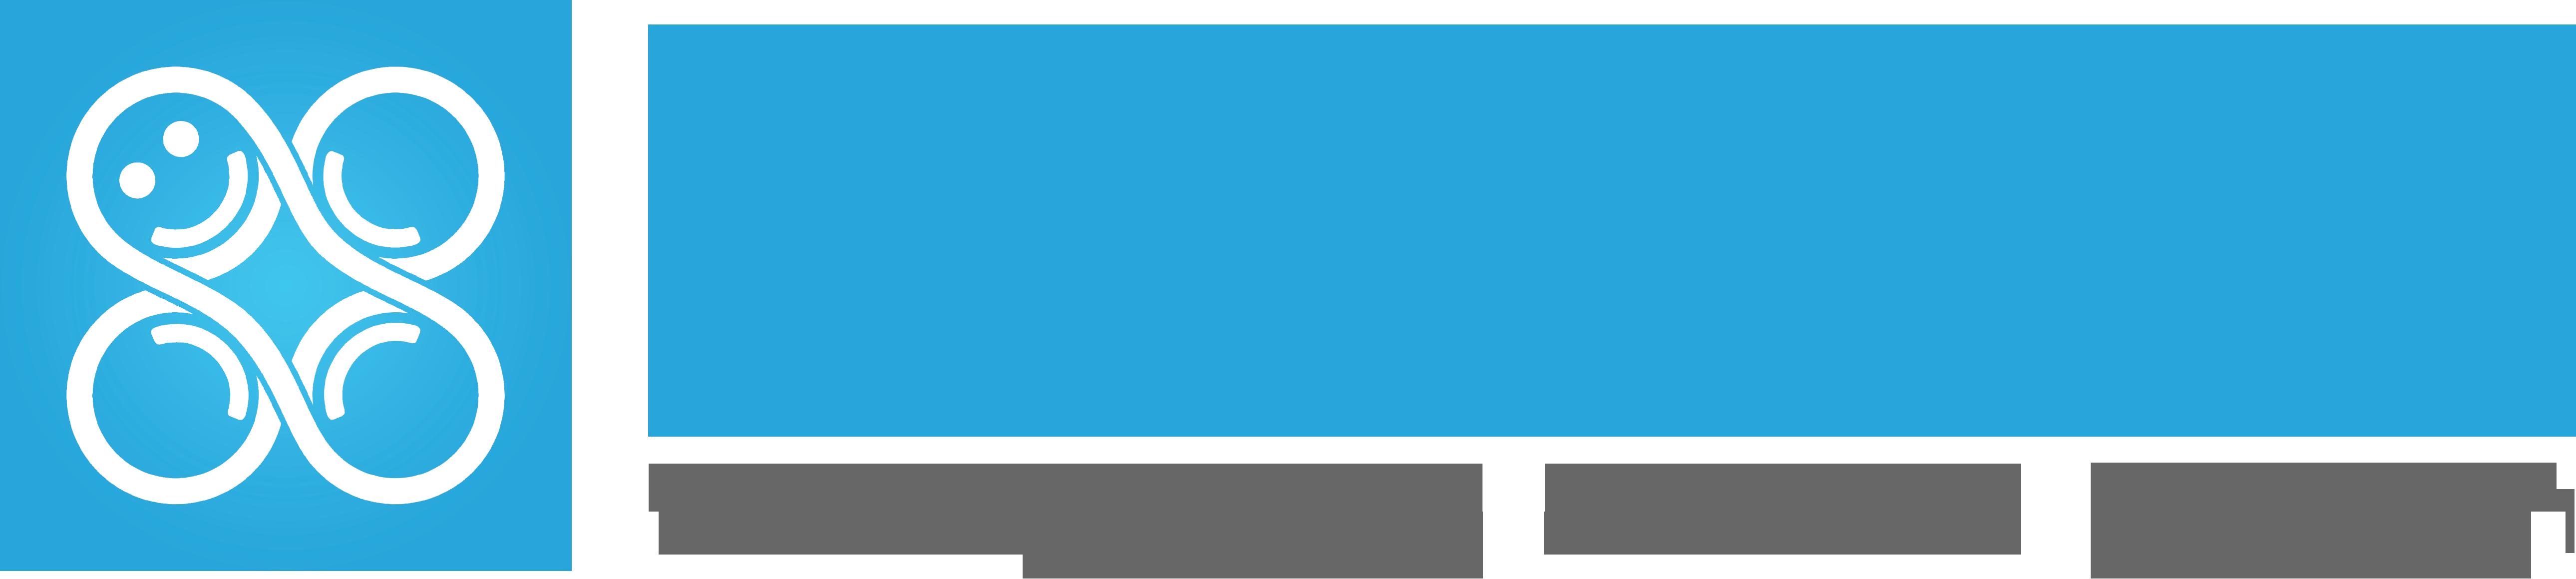 Cloverpop Enterprise Decision Making.png